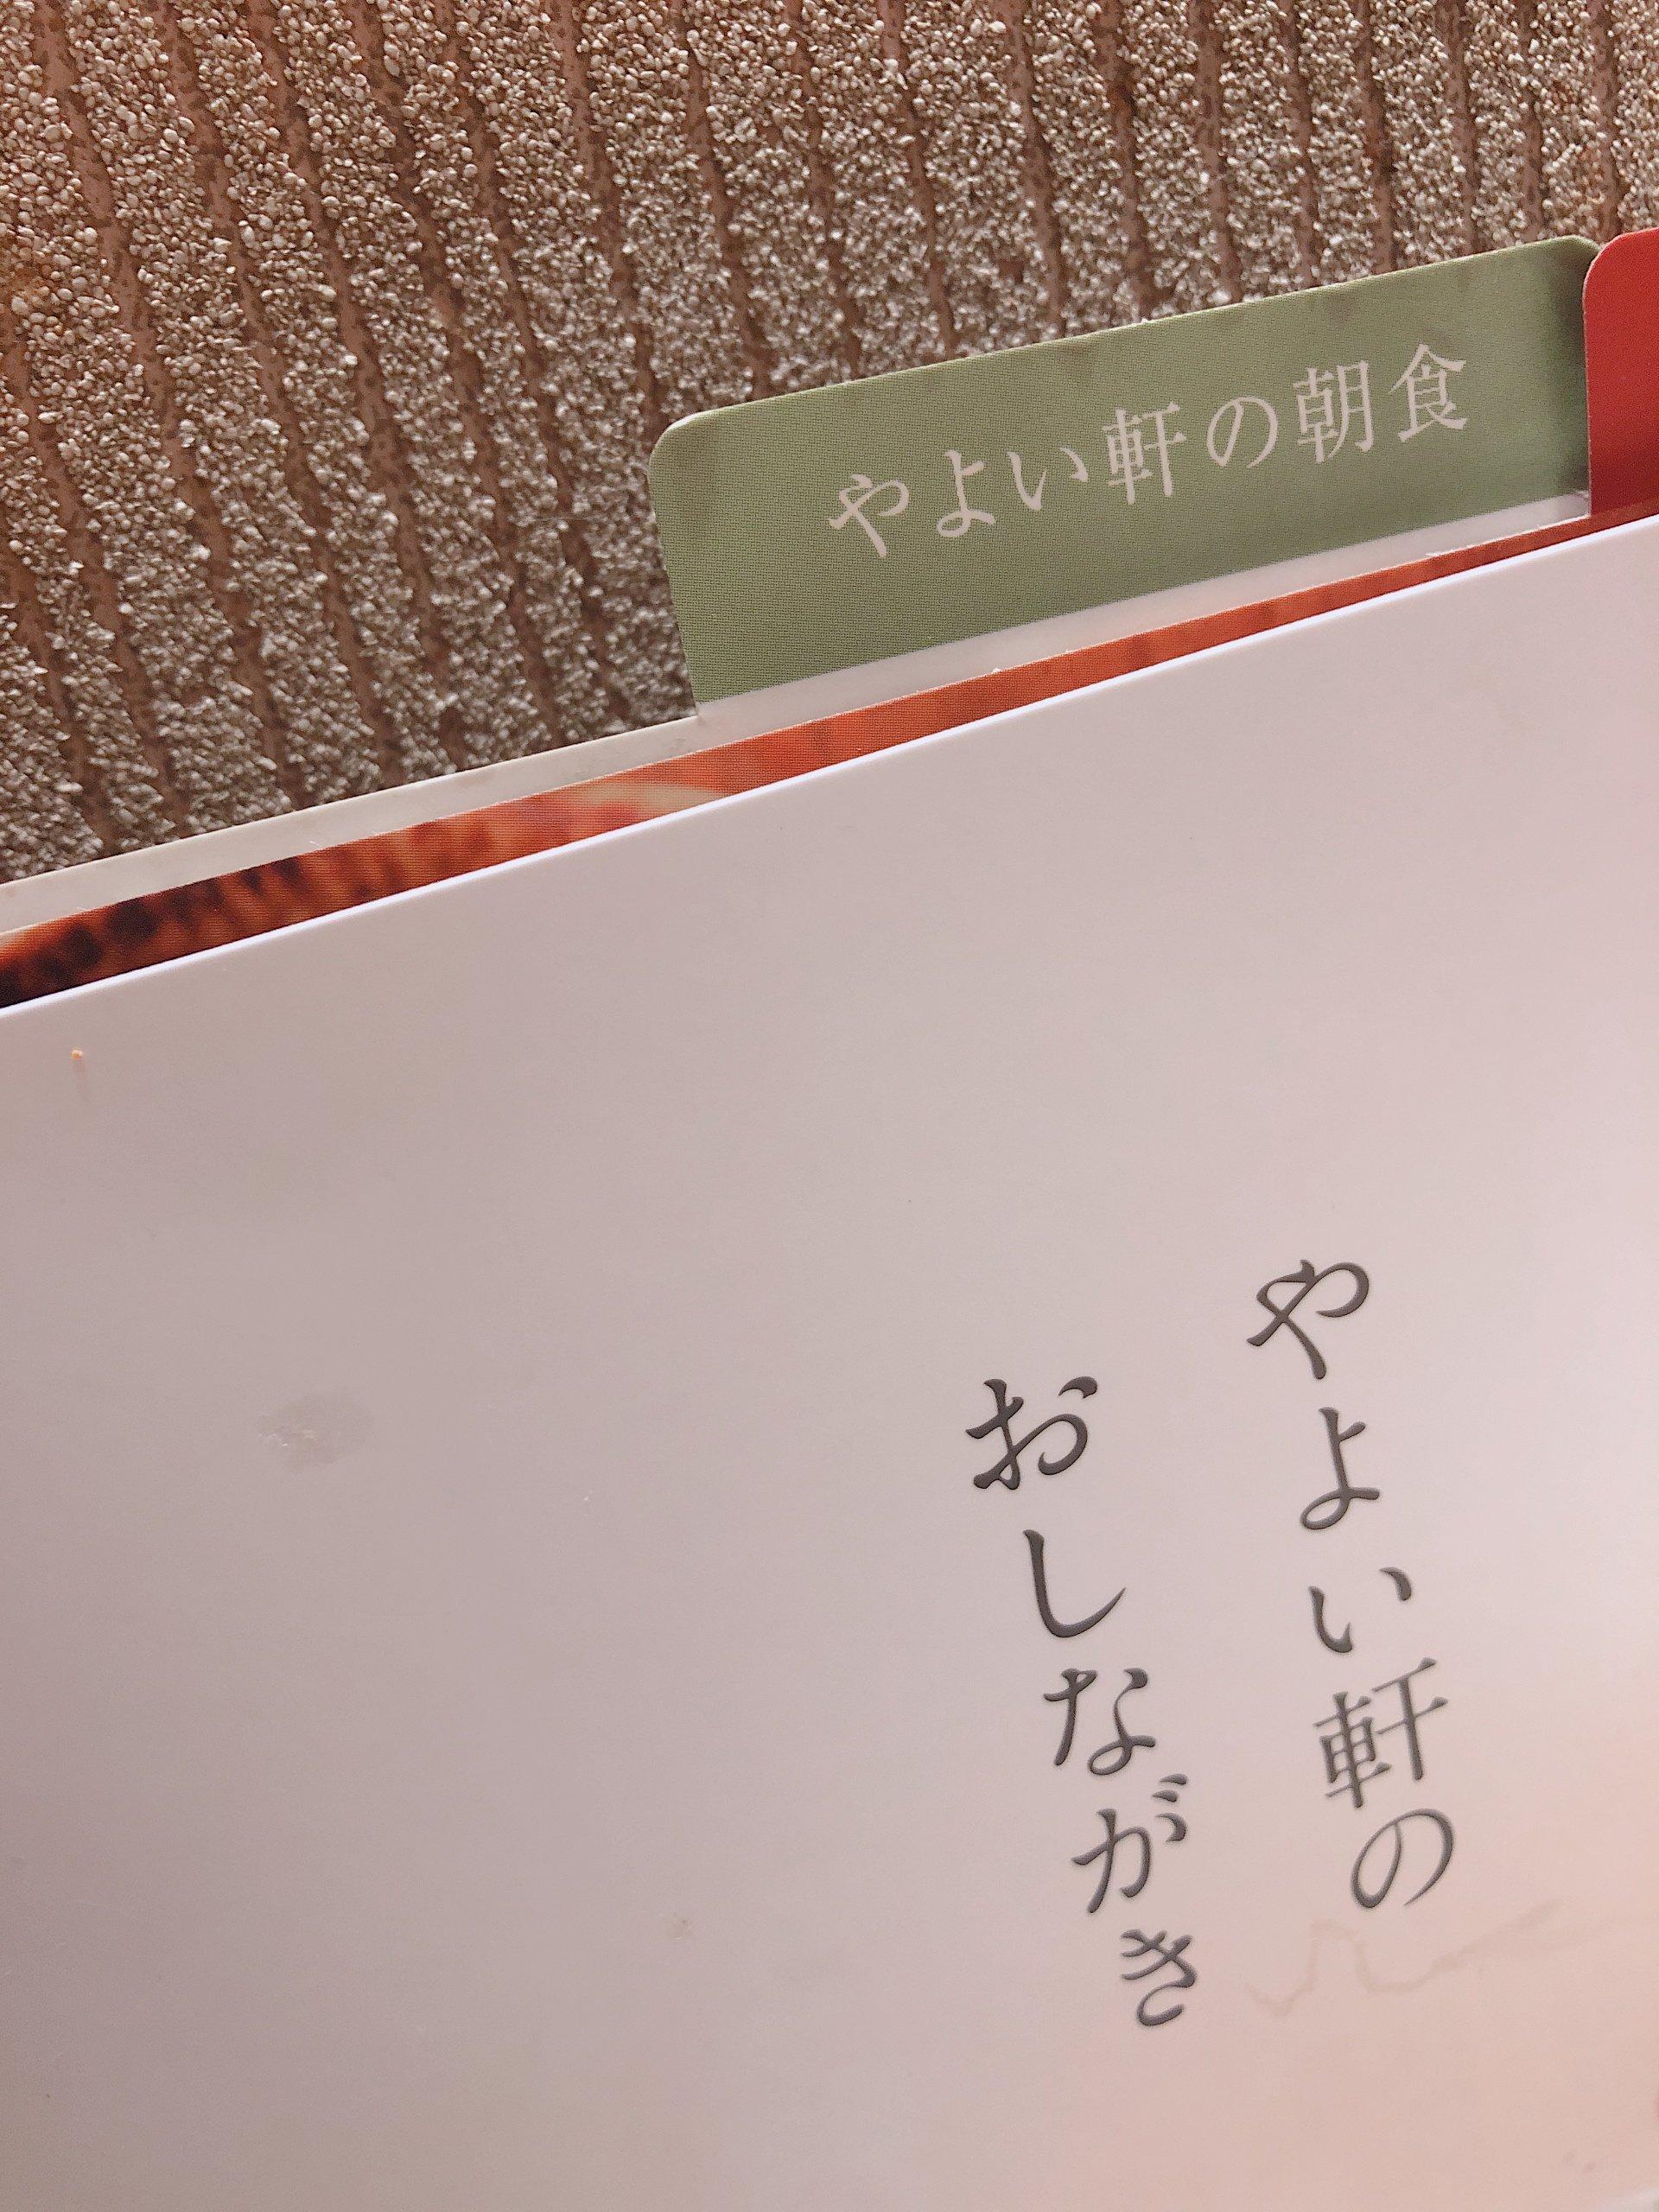 *侑芽*ちゃんのツイート